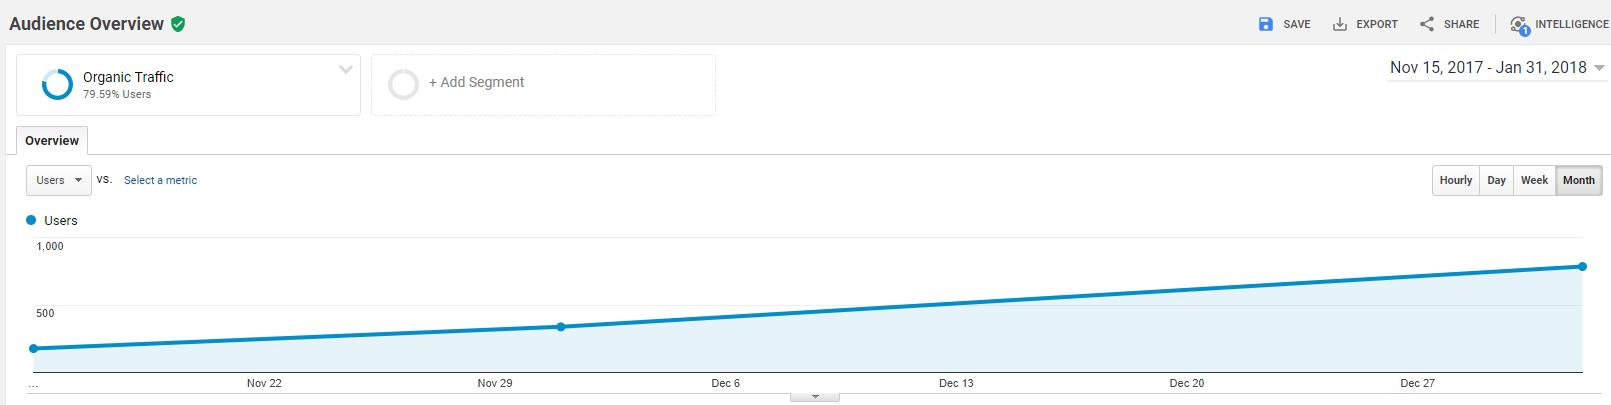 x300 traffic in 3 months